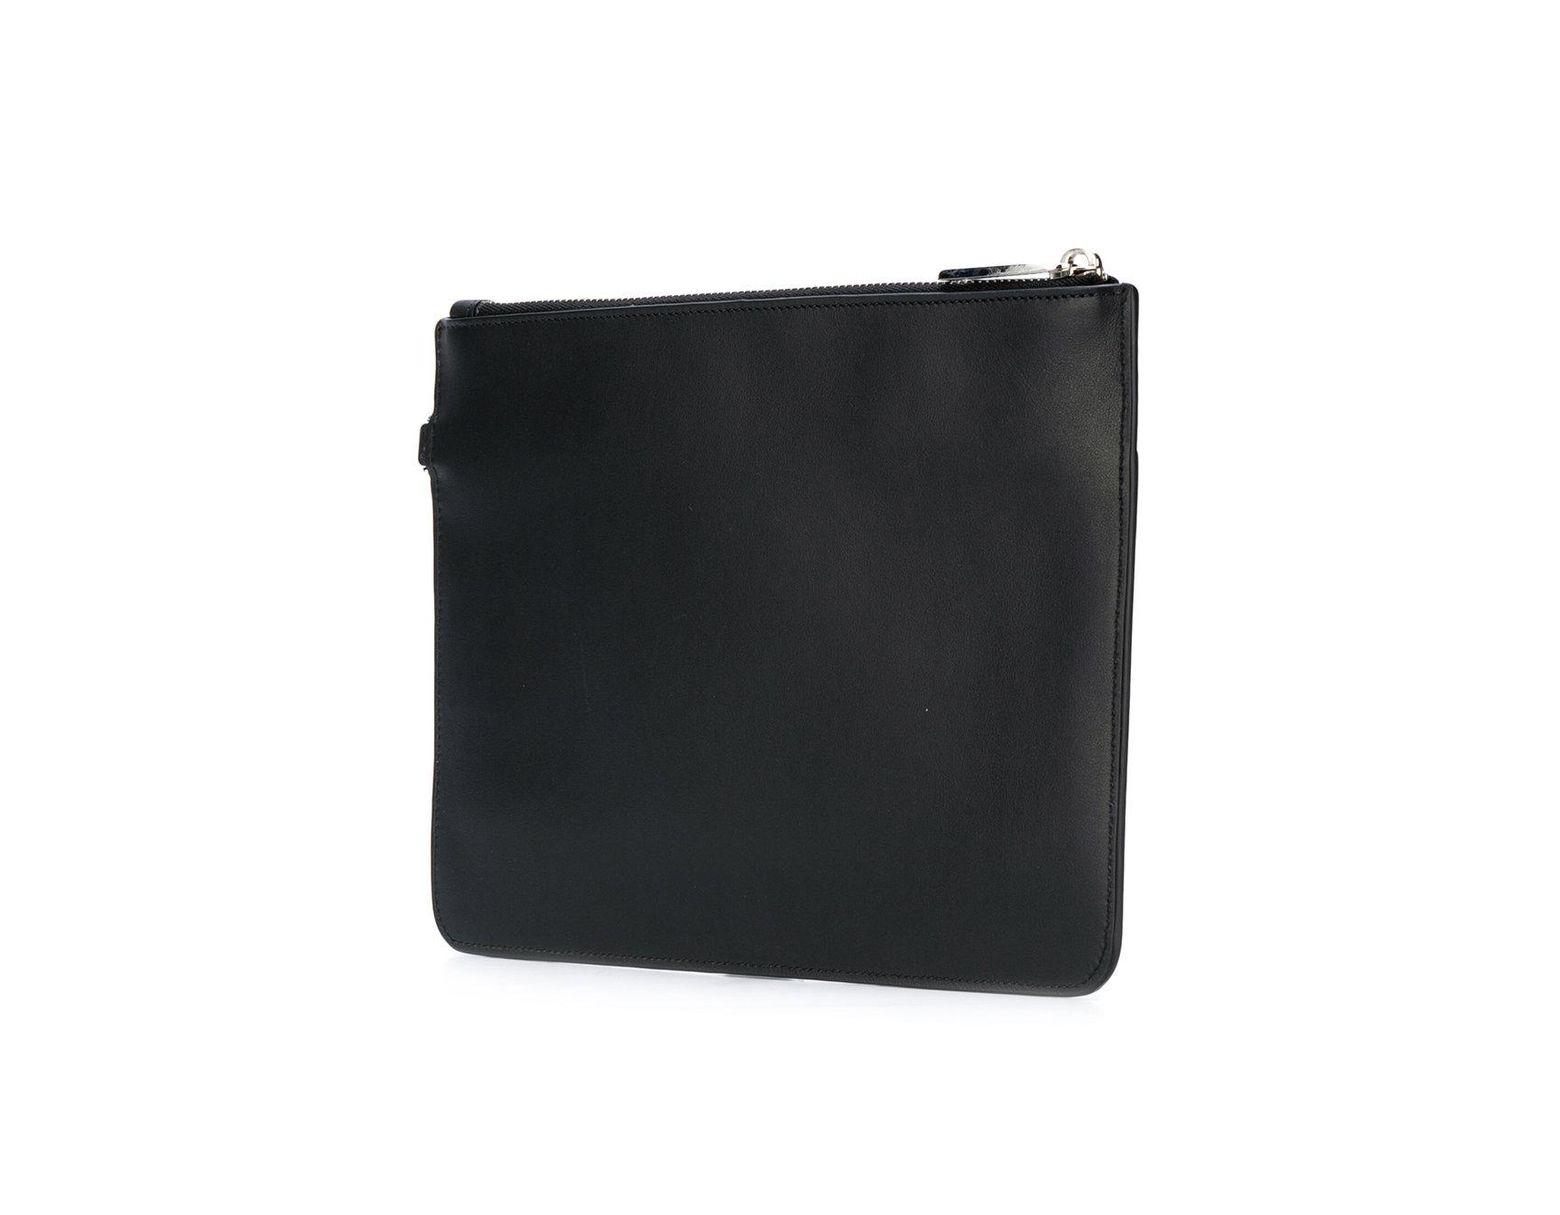 c05ba95b5 Fendi Top-zip Pouch in Black for Men - Lyst